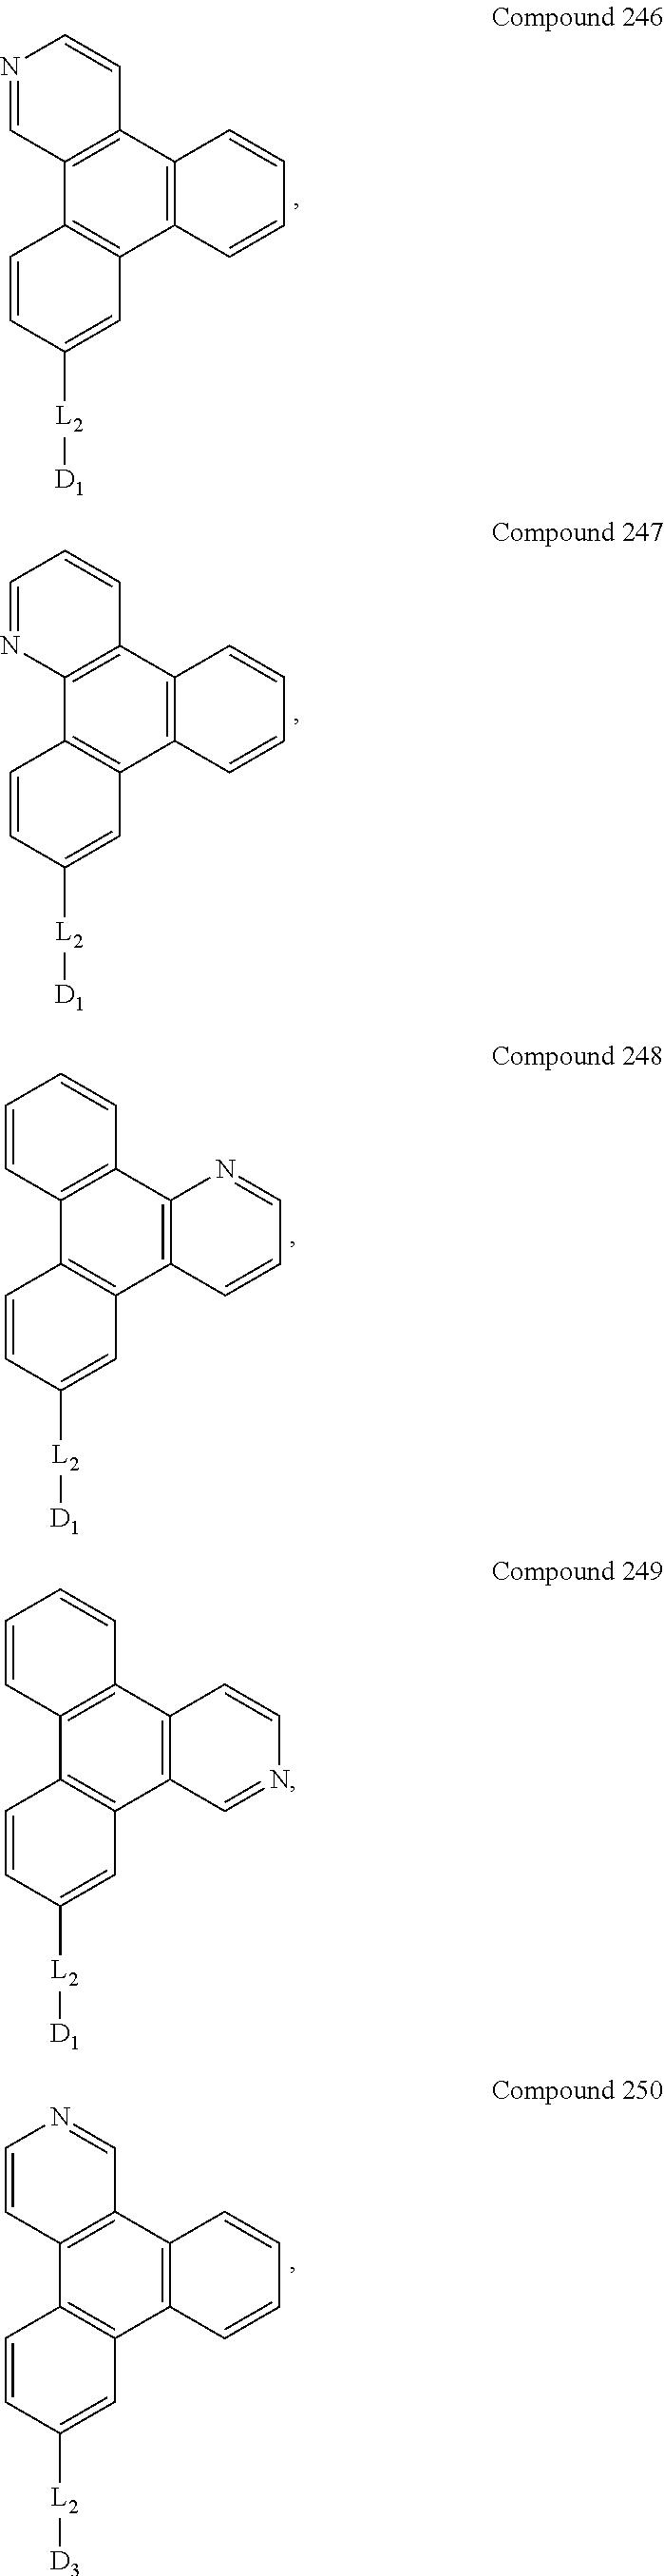 Figure US09537106-20170103-C00205